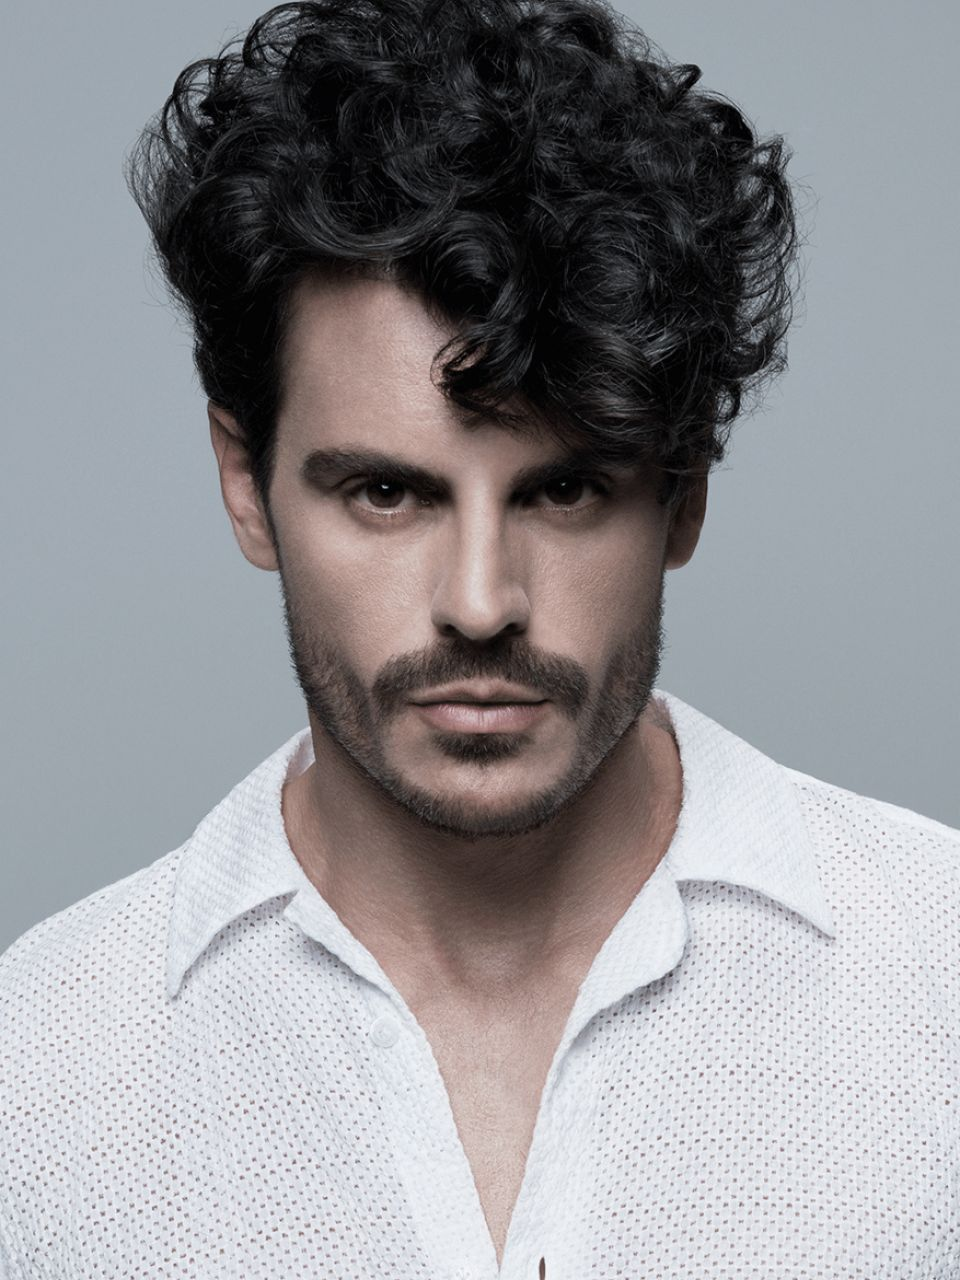 männer frisuren zopf inspirational locken lockige haare